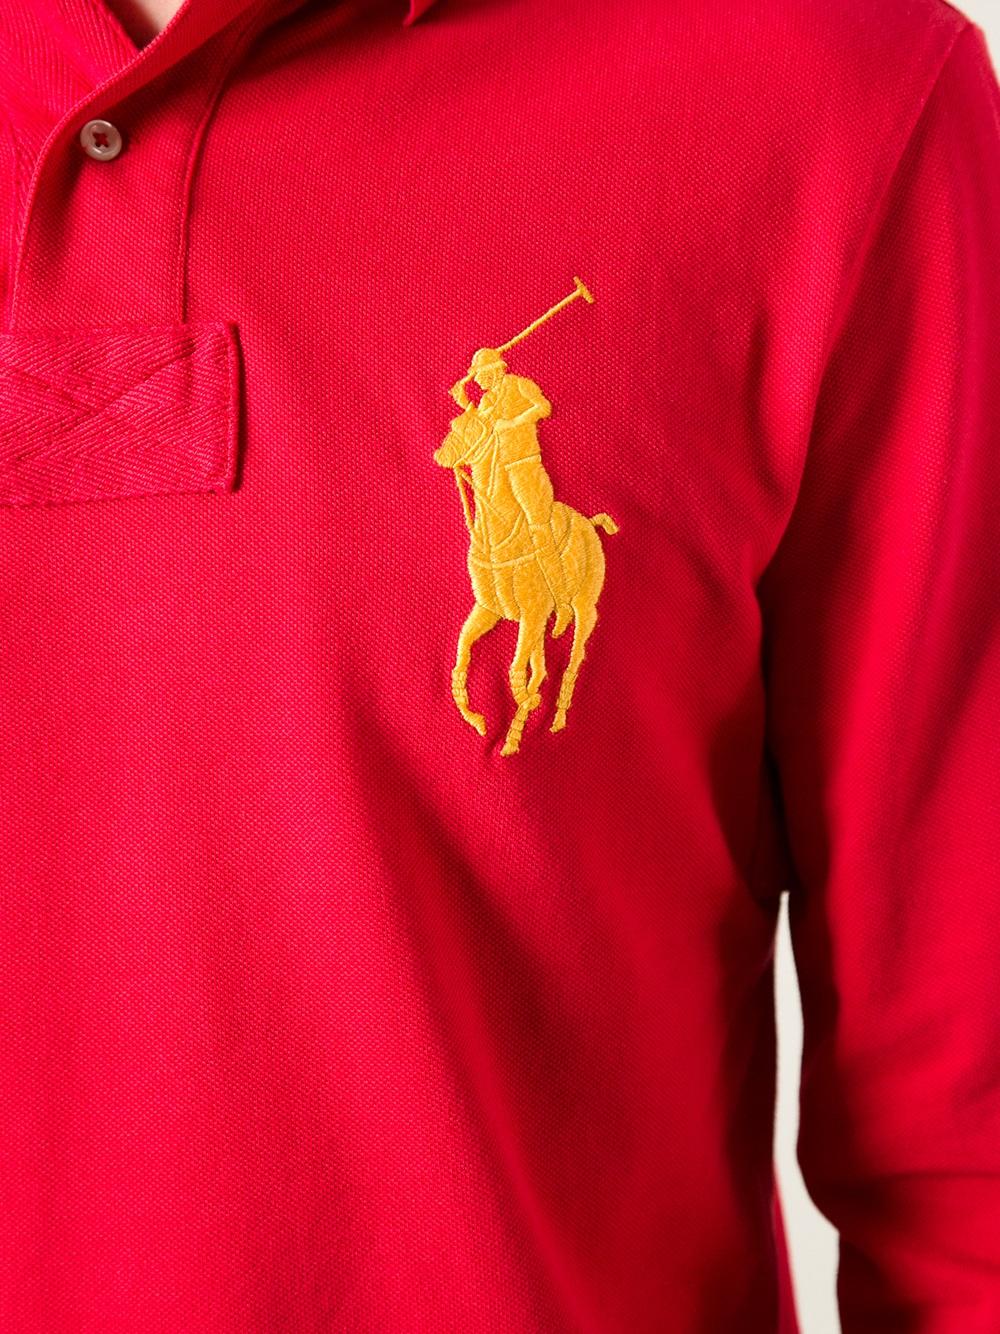 4xlt Ralph Lauren Lauren Polo Ralph Shirts Ralph Shirts Polo 4xlt H9ED2I